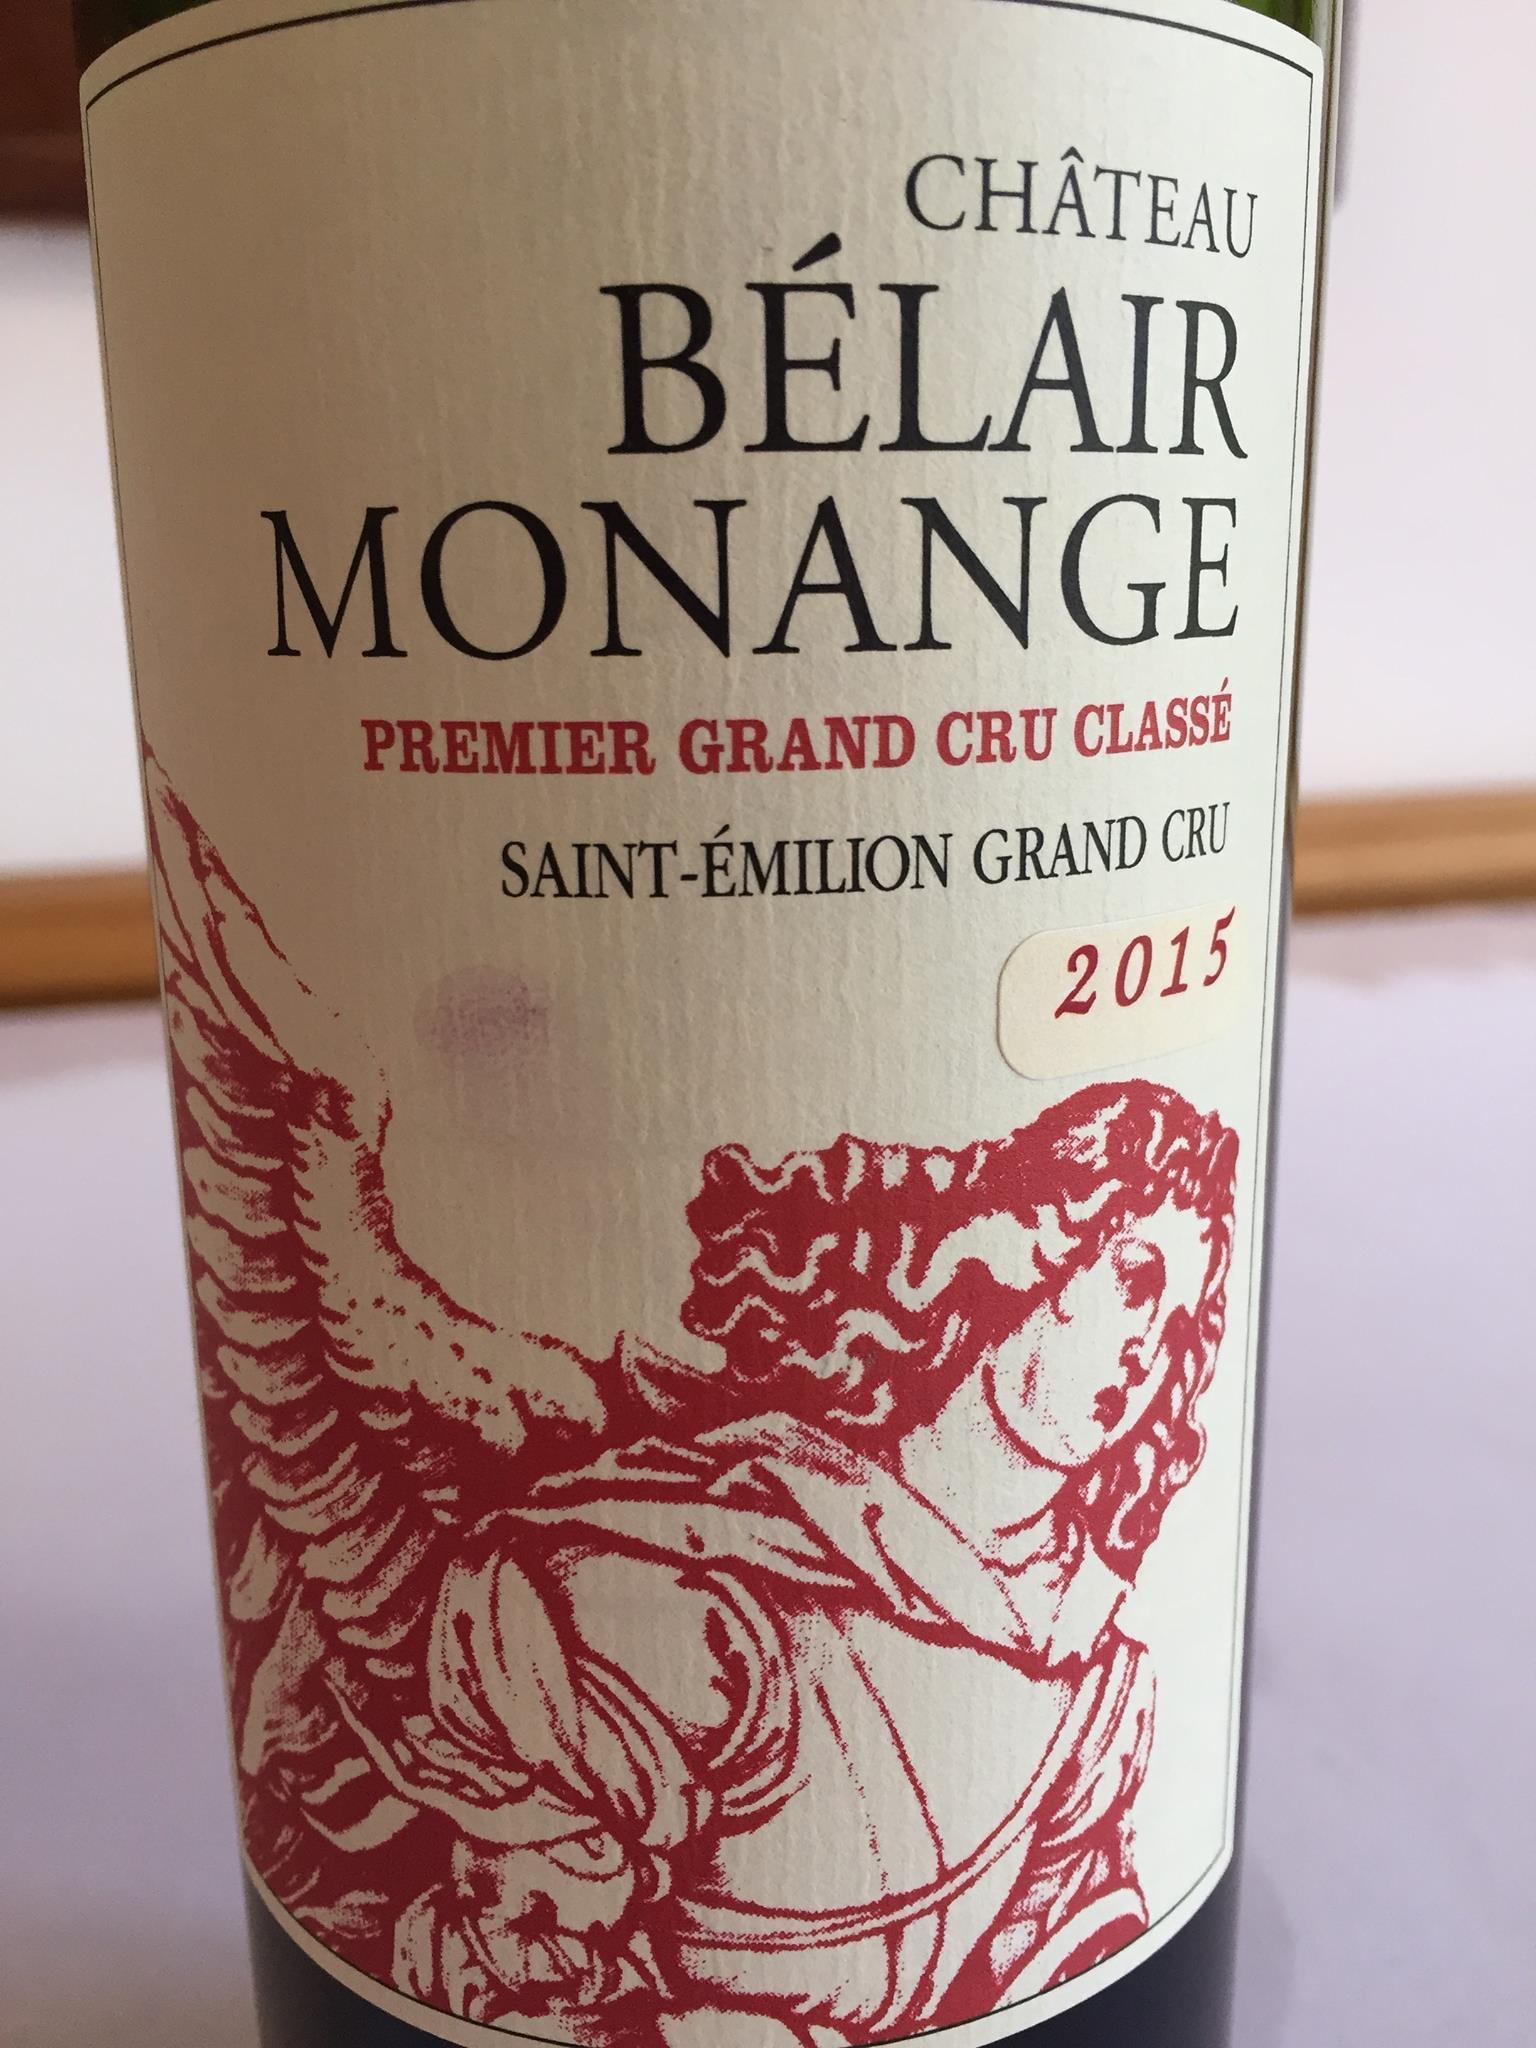 Château Bélair Monange 2015 – Saint-Emilion Grand Cru, 1er Grand Cru Classé